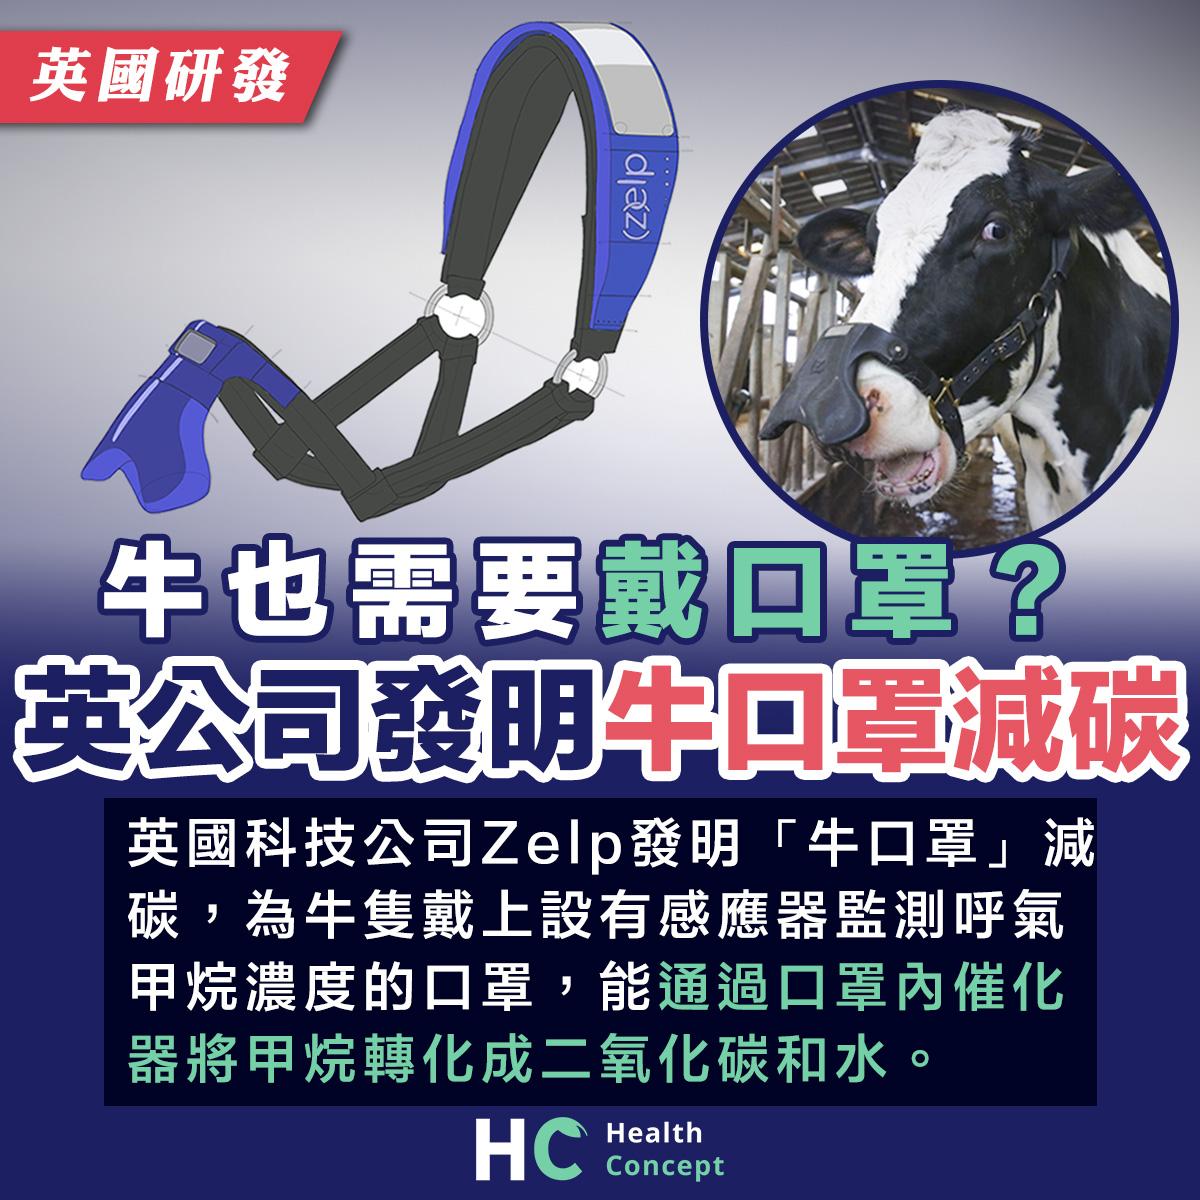 牛也需要戴口罩? 英公司發明牛口罩減碳